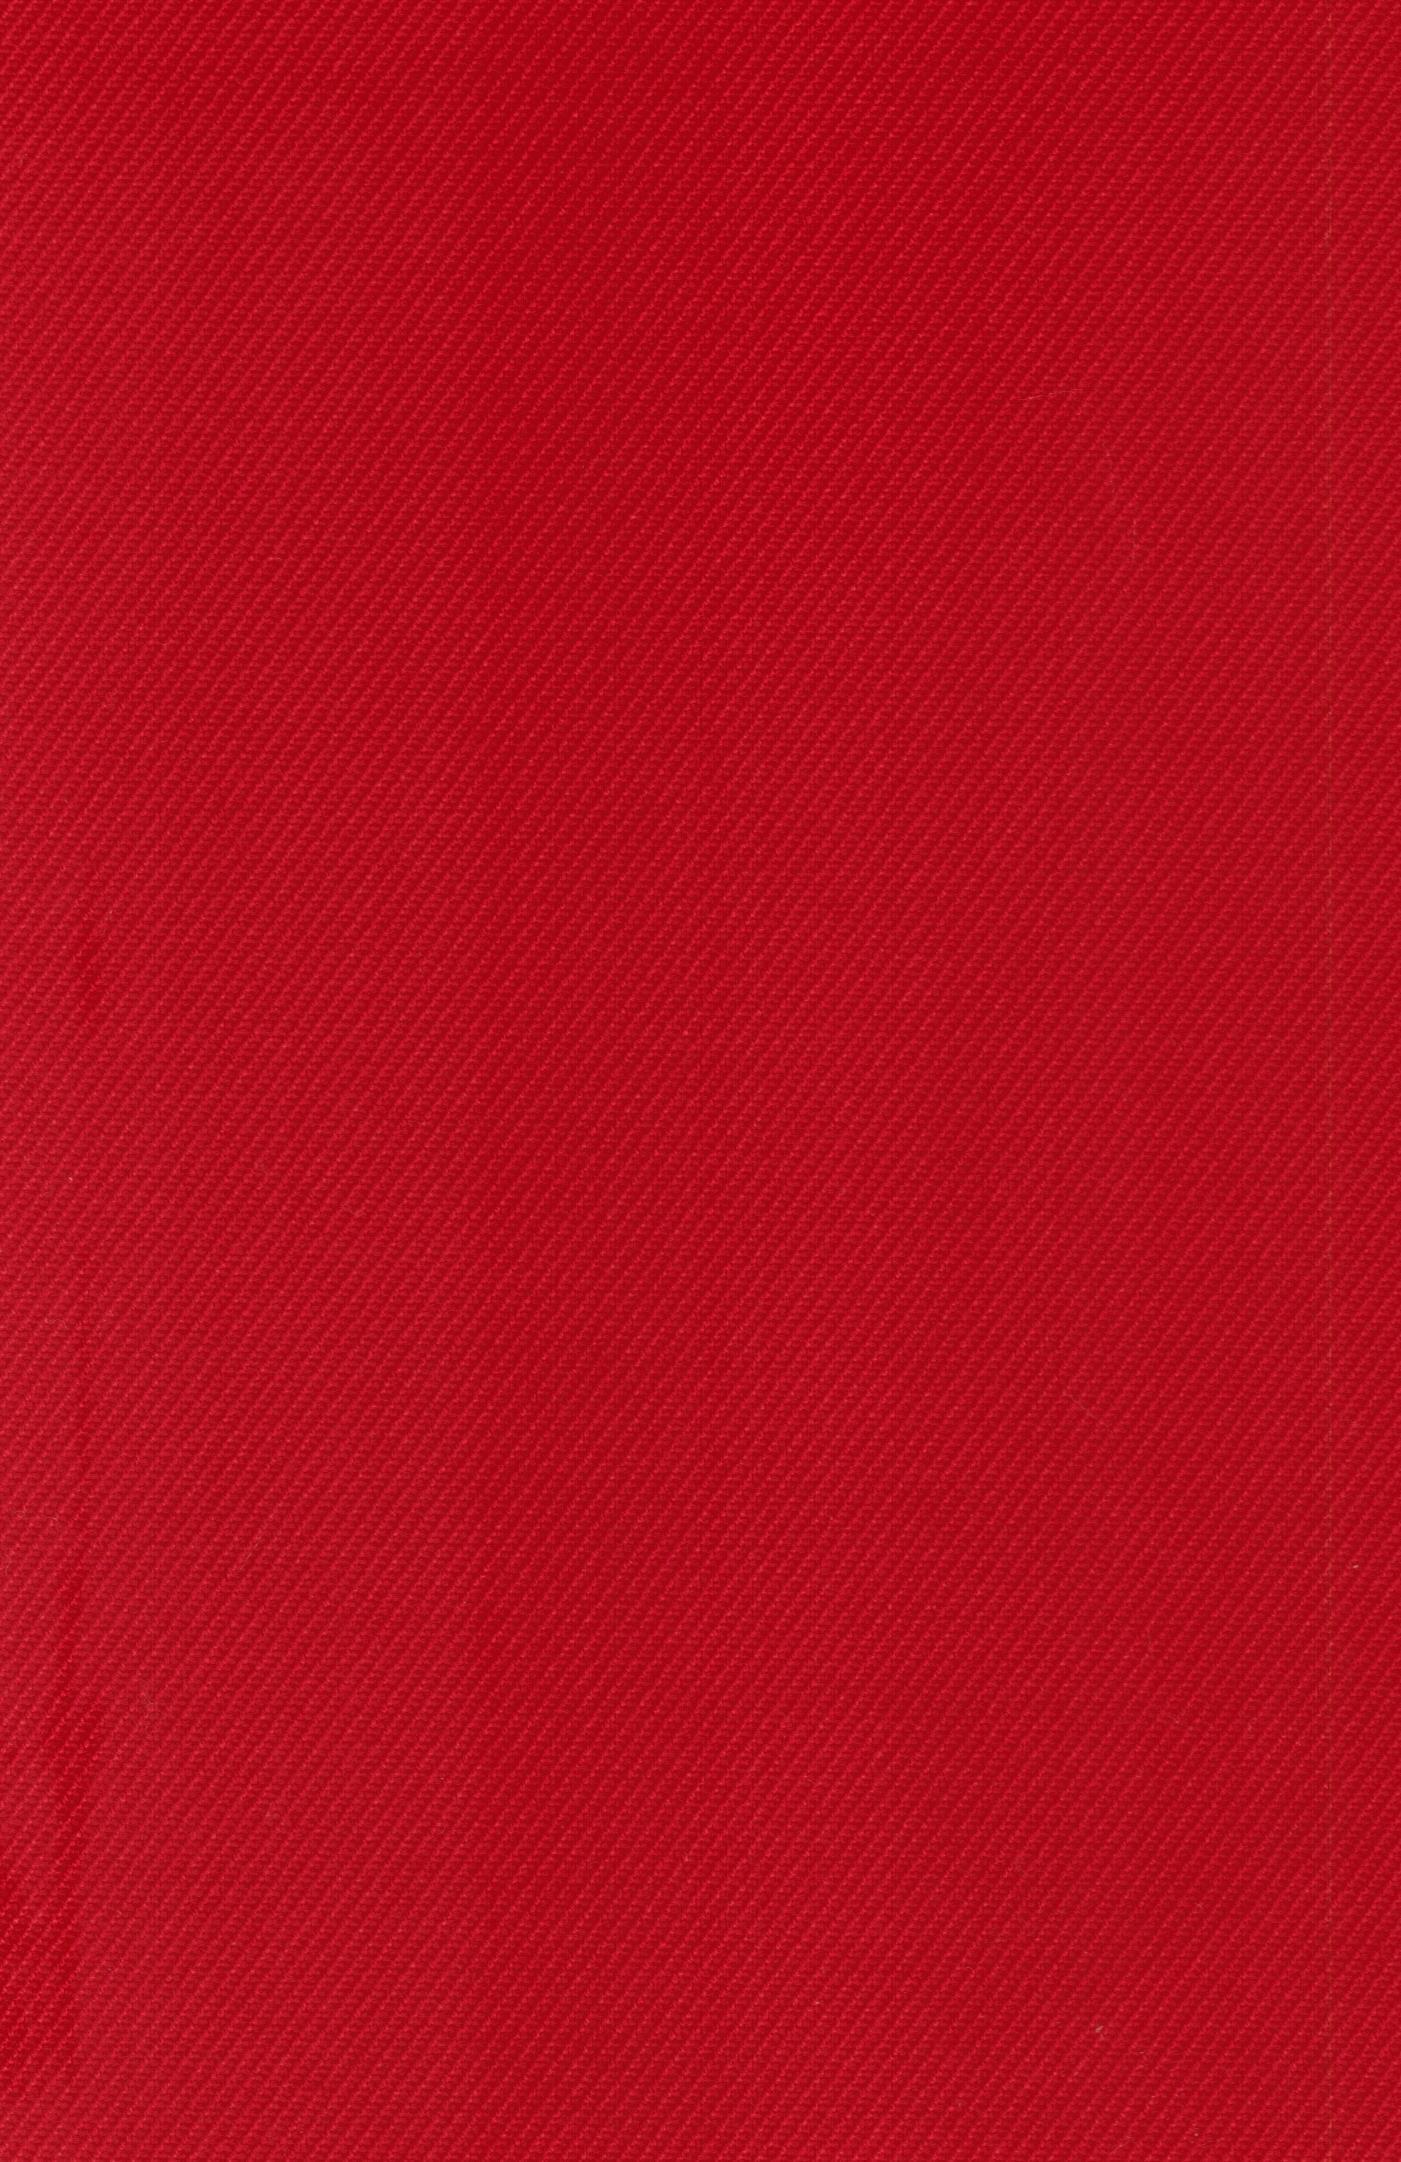 Sarga Roja